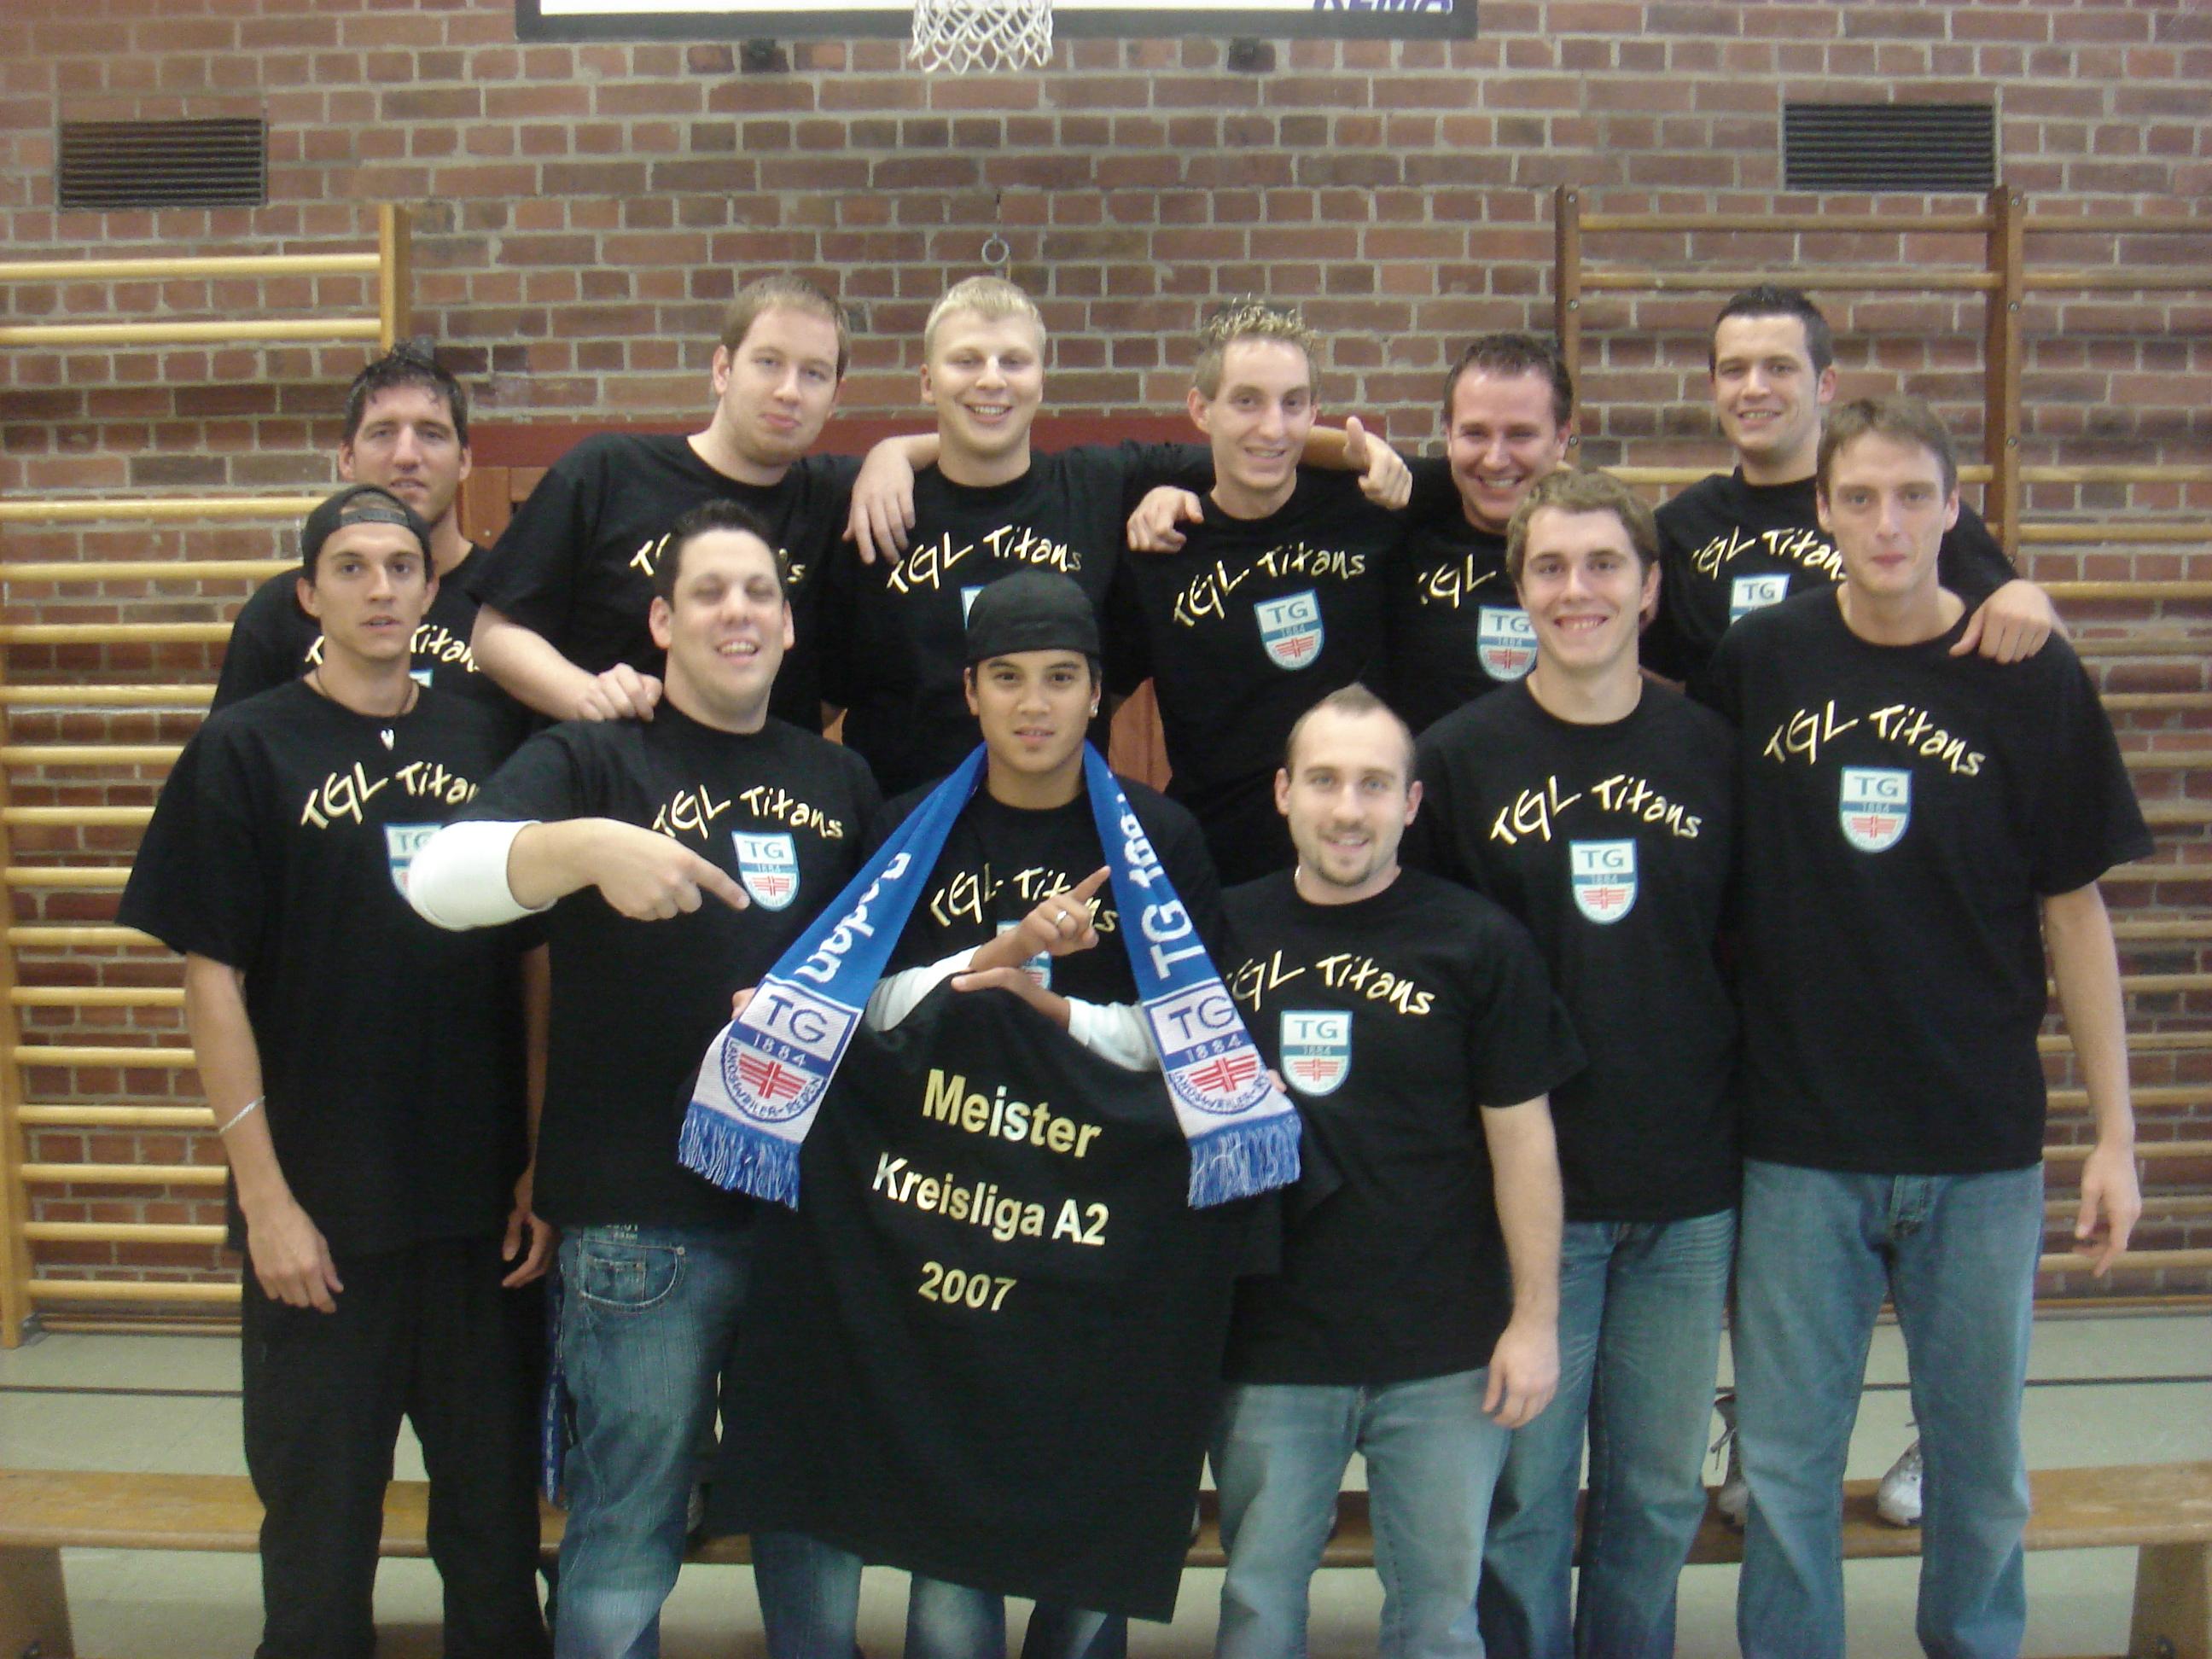 2007: TGL TITANS Meister Kreisliga